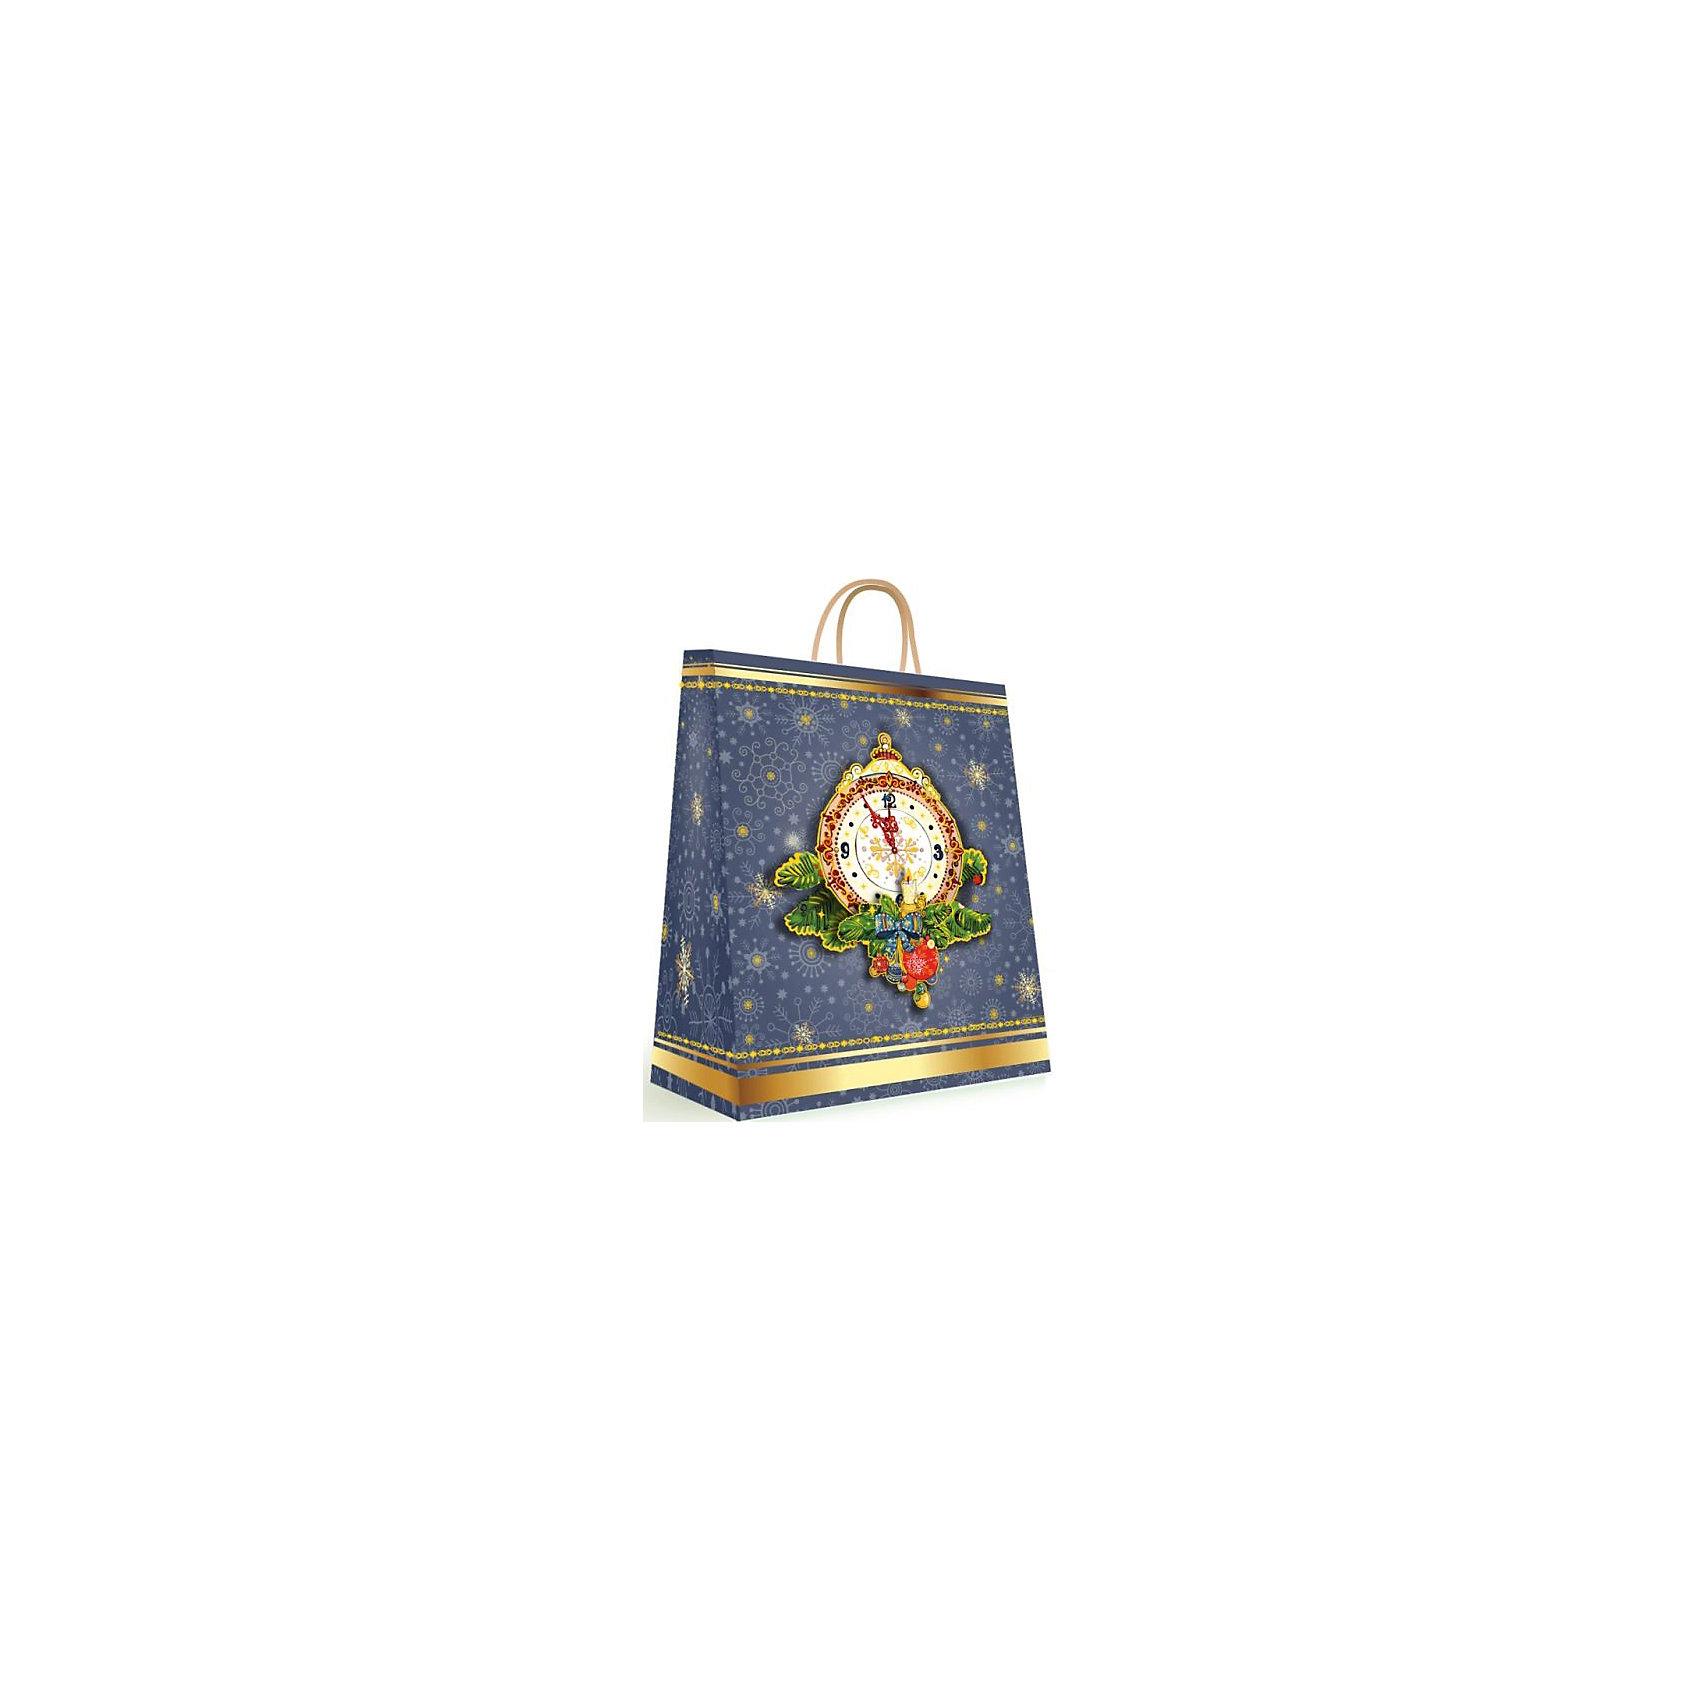 Подарочный пакет Куранты 18*23*10 смПодарочный пакет Куранты, Феникс-презент, поможет Вам красиво оформить новогодний подарок для своих родных и друзей. Красочный пакет с двумя ручками и широким основанием украшен изображением новогодних часов, еловых веток и снежинок. Поверхность ламинирована.<br><br>Дополнительная информация:<br><br>- Материал: бумага.<br>- Размер: 18 х 23 х 10 см.<br>- Ширина основания: 18 см.<br>- Плотность: 140 г/м2.<br>- Вес: 100 гр. <br><br>Подарочный пакет Куранты, Феникс-презент, можно купить в нашем интернет-магазине.<br><br>Ширина мм: 180<br>Глубина мм: 230<br>Высота мм: 10<br>Вес г: 100<br>Возраст от месяцев: 36<br>Возраст до месяцев: 2147483647<br>Пол: Унисекс<br>Возраст: Детский<br>SKU: 4274712